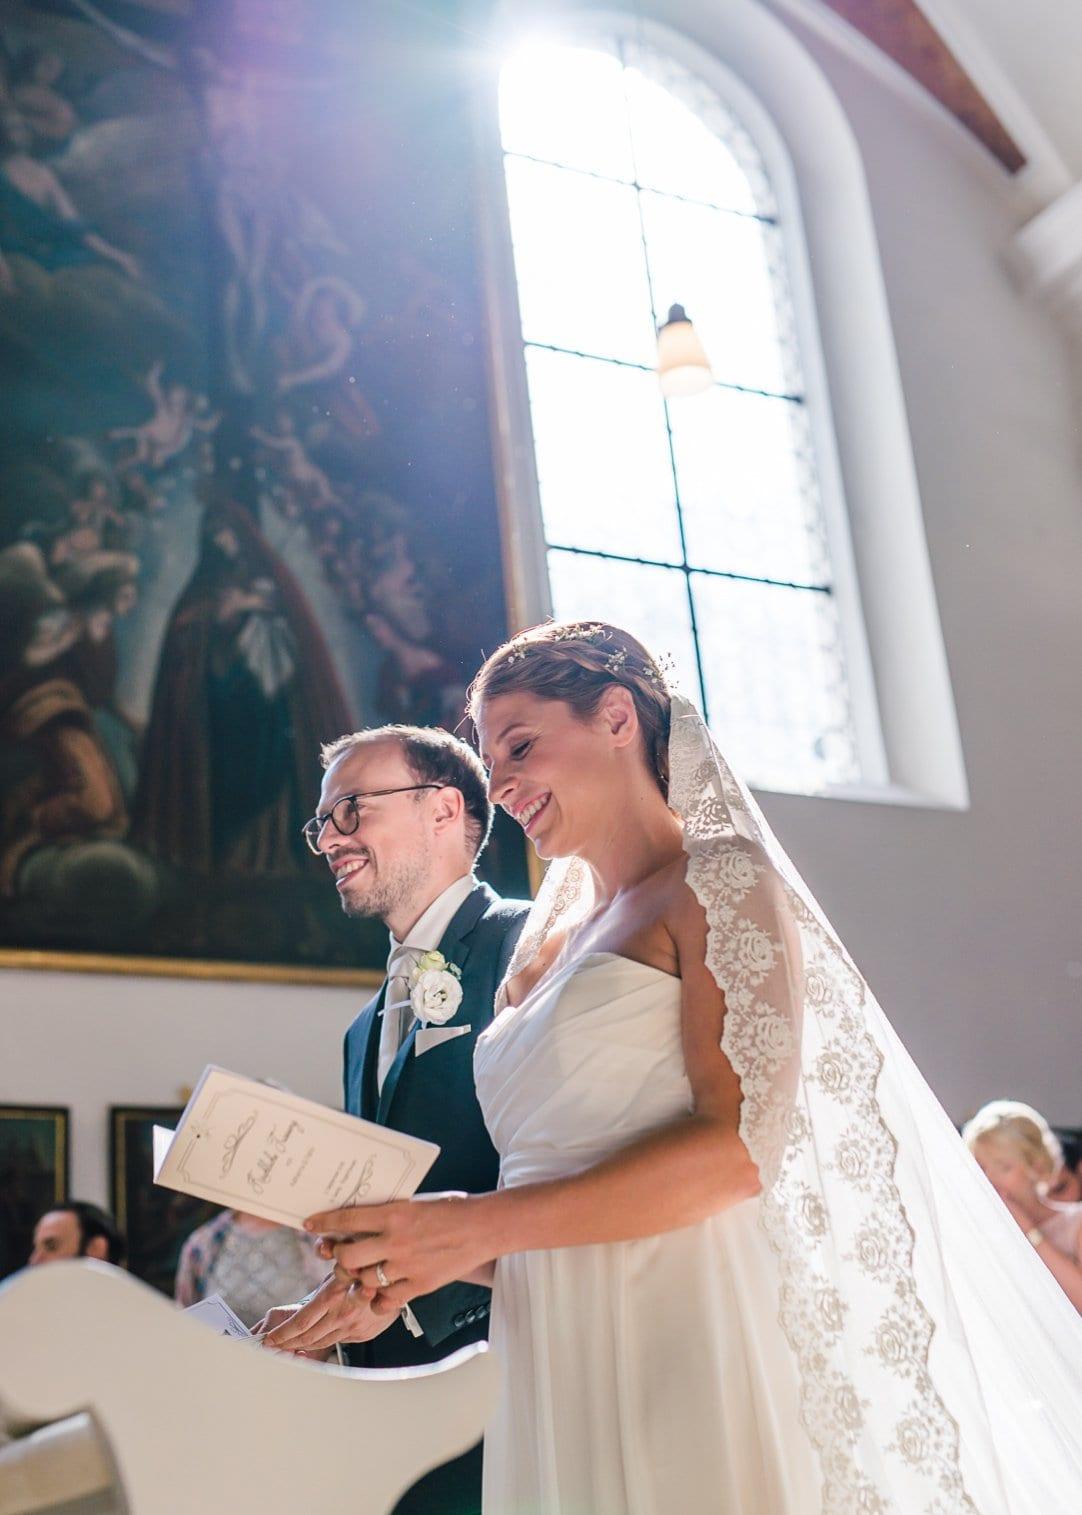 jungundwild-wedding-munich-kuf-vespa-0027